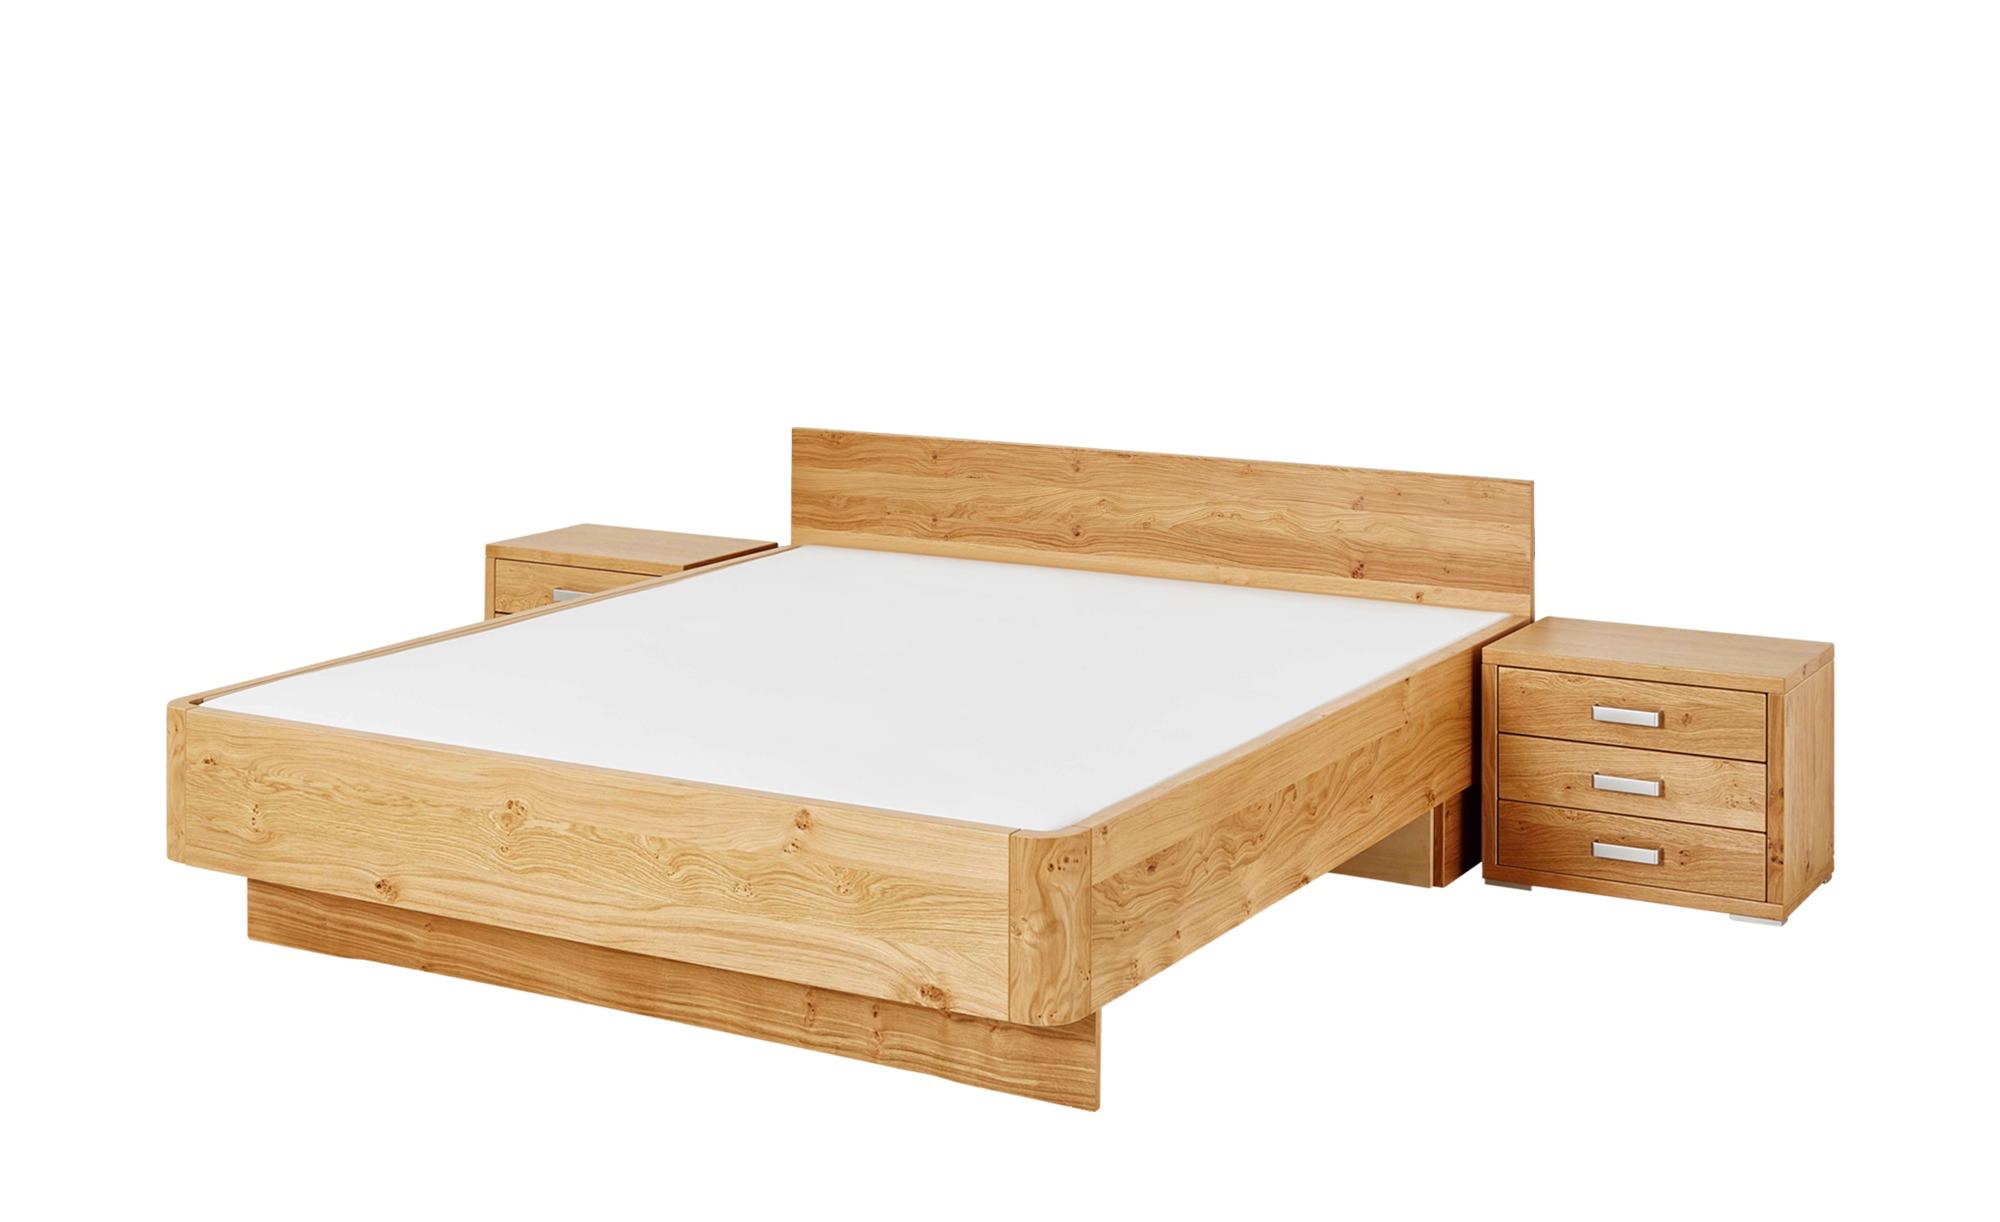 Full Size of Wohnwert Betten Artone Dormian Erfahrungen Outlet Jensen Mit Stauraum Treca Bei Ikea Paradies 200x220 überlänge Trends Hamburg 140x200 Günstige Günstig Bett Wohnwert Betten